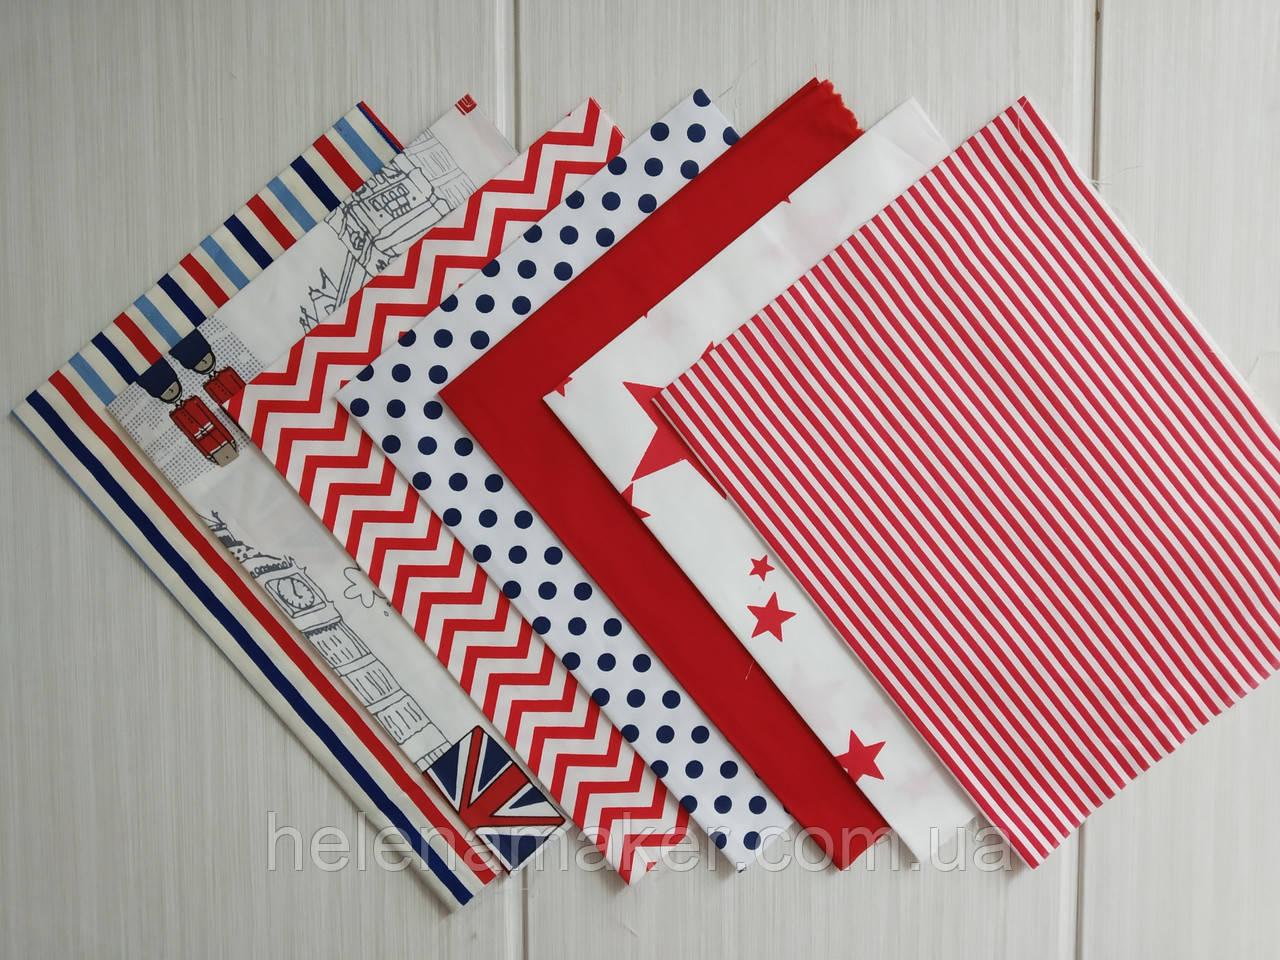 Набор ткани для рукоделия Лондон в синих и красных цветах  - 7 отрезов 40*50 см